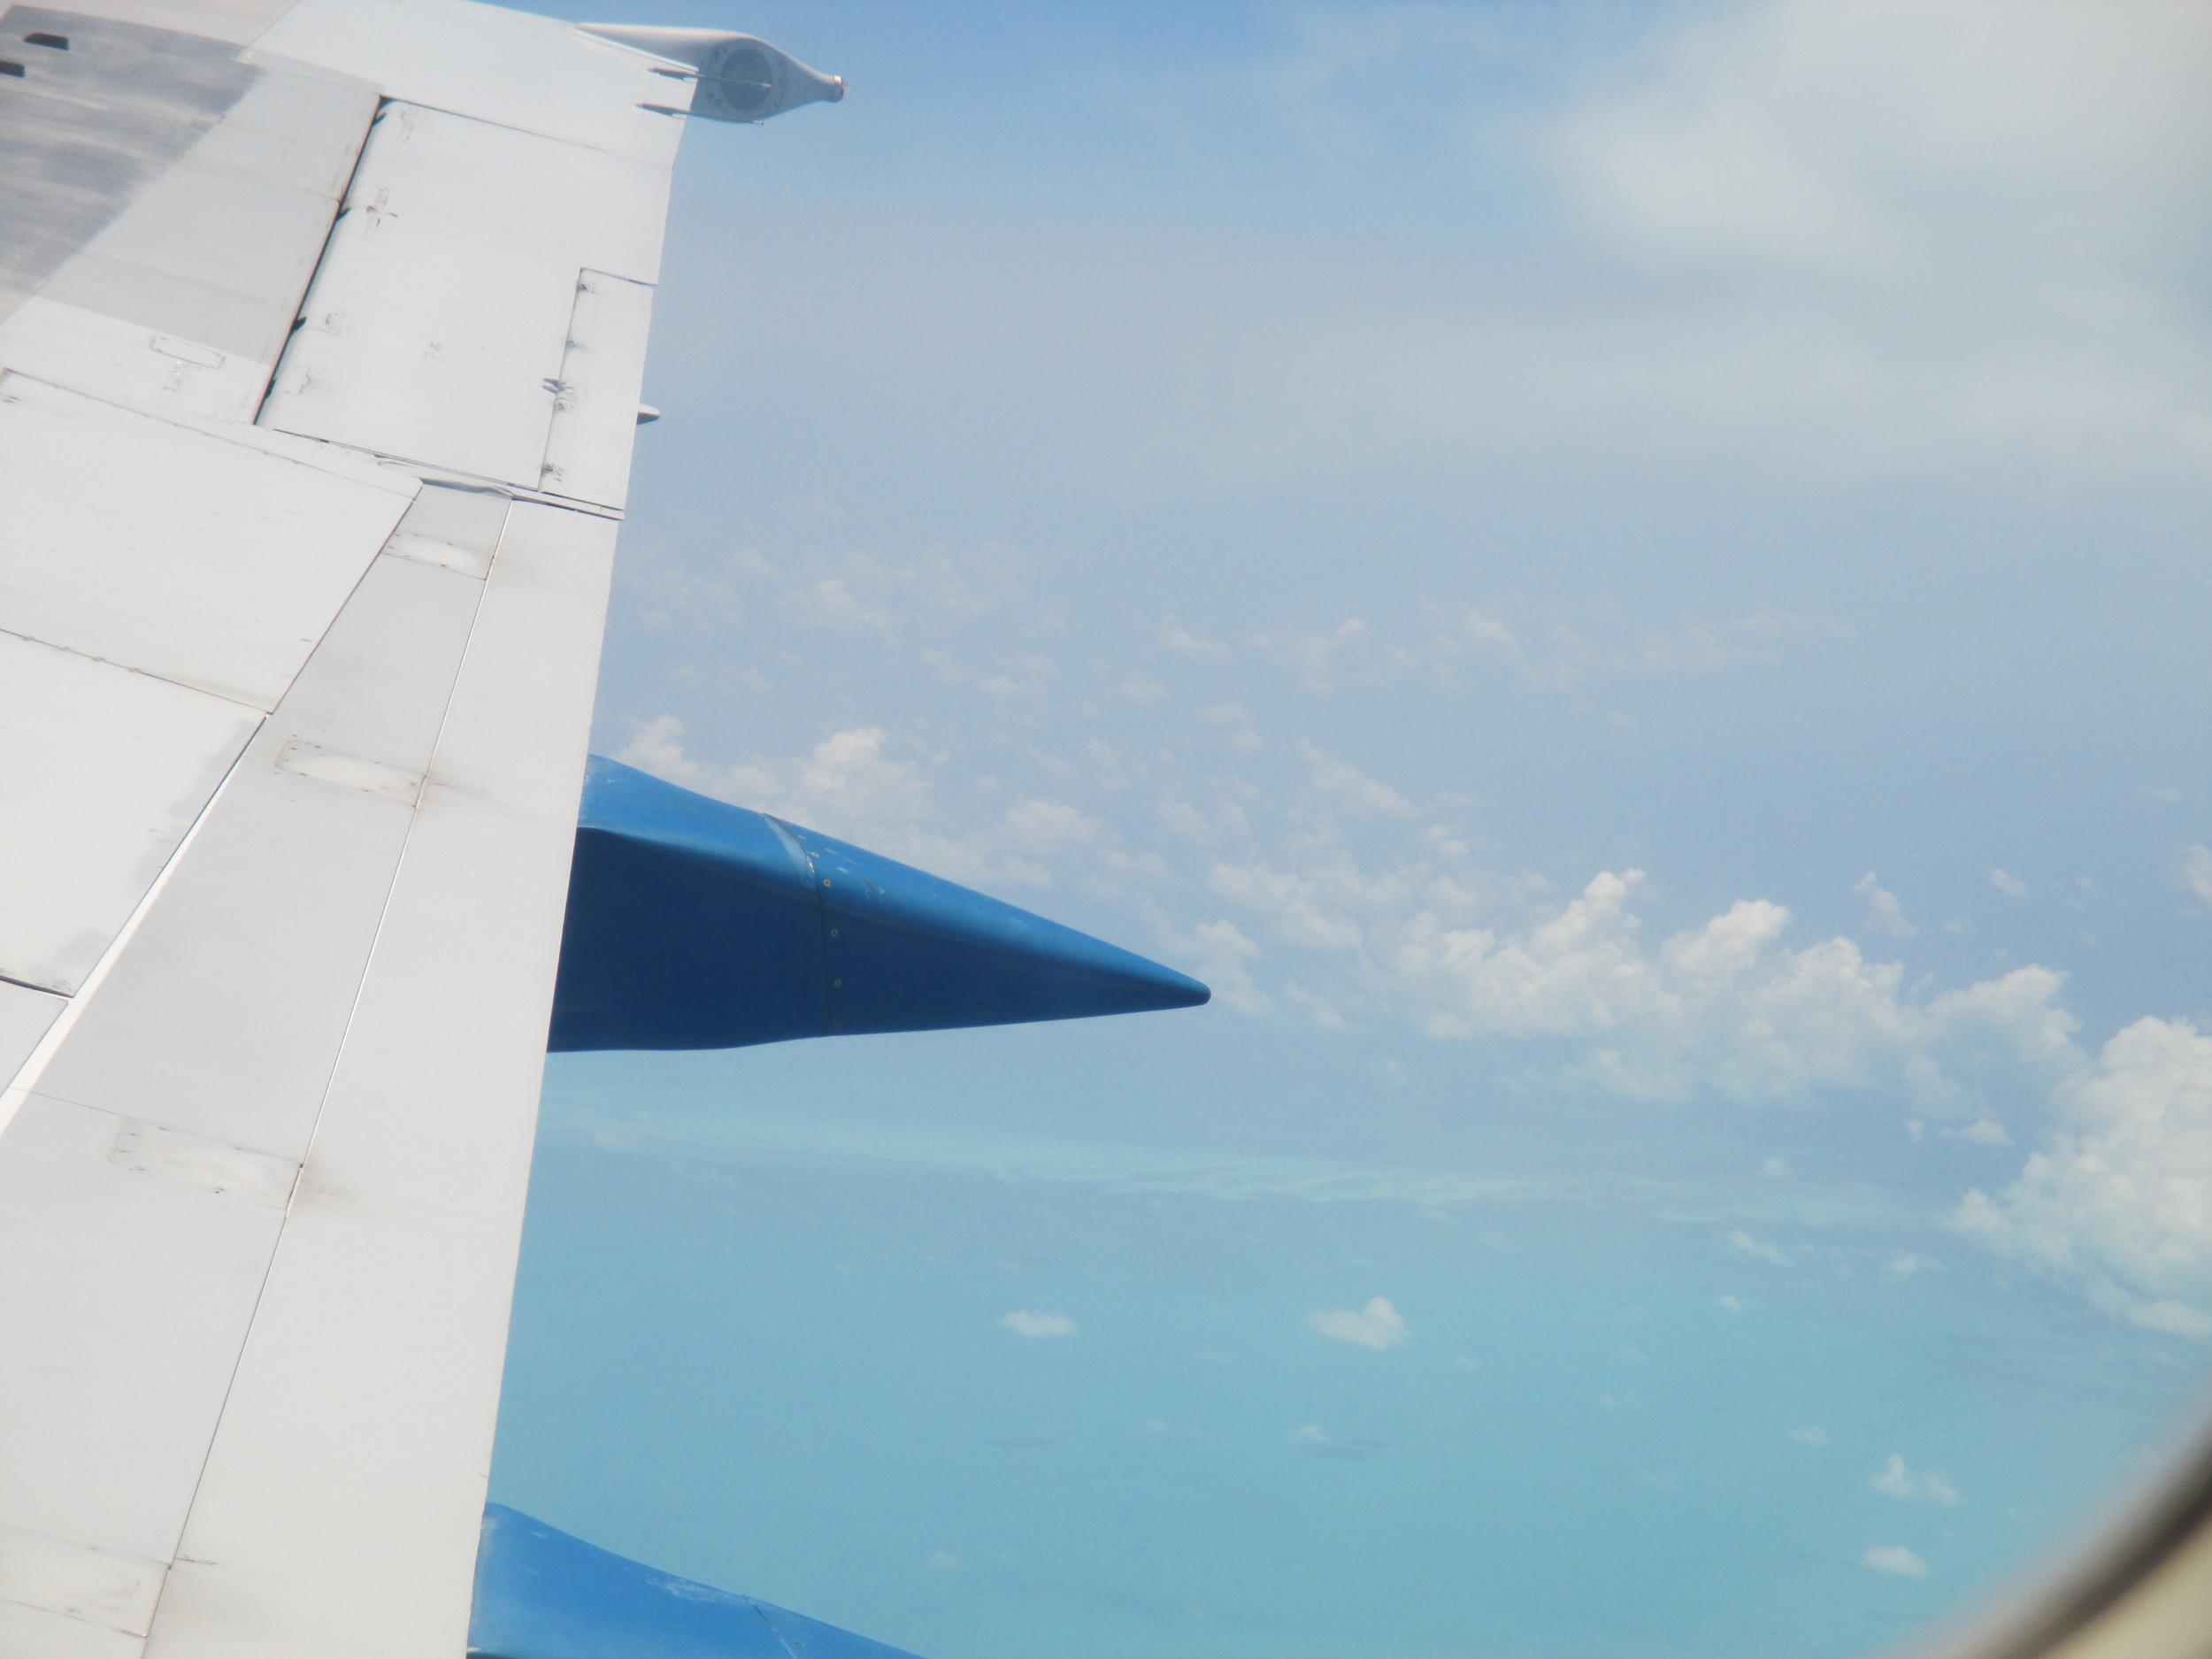 Airplane wing.jpg